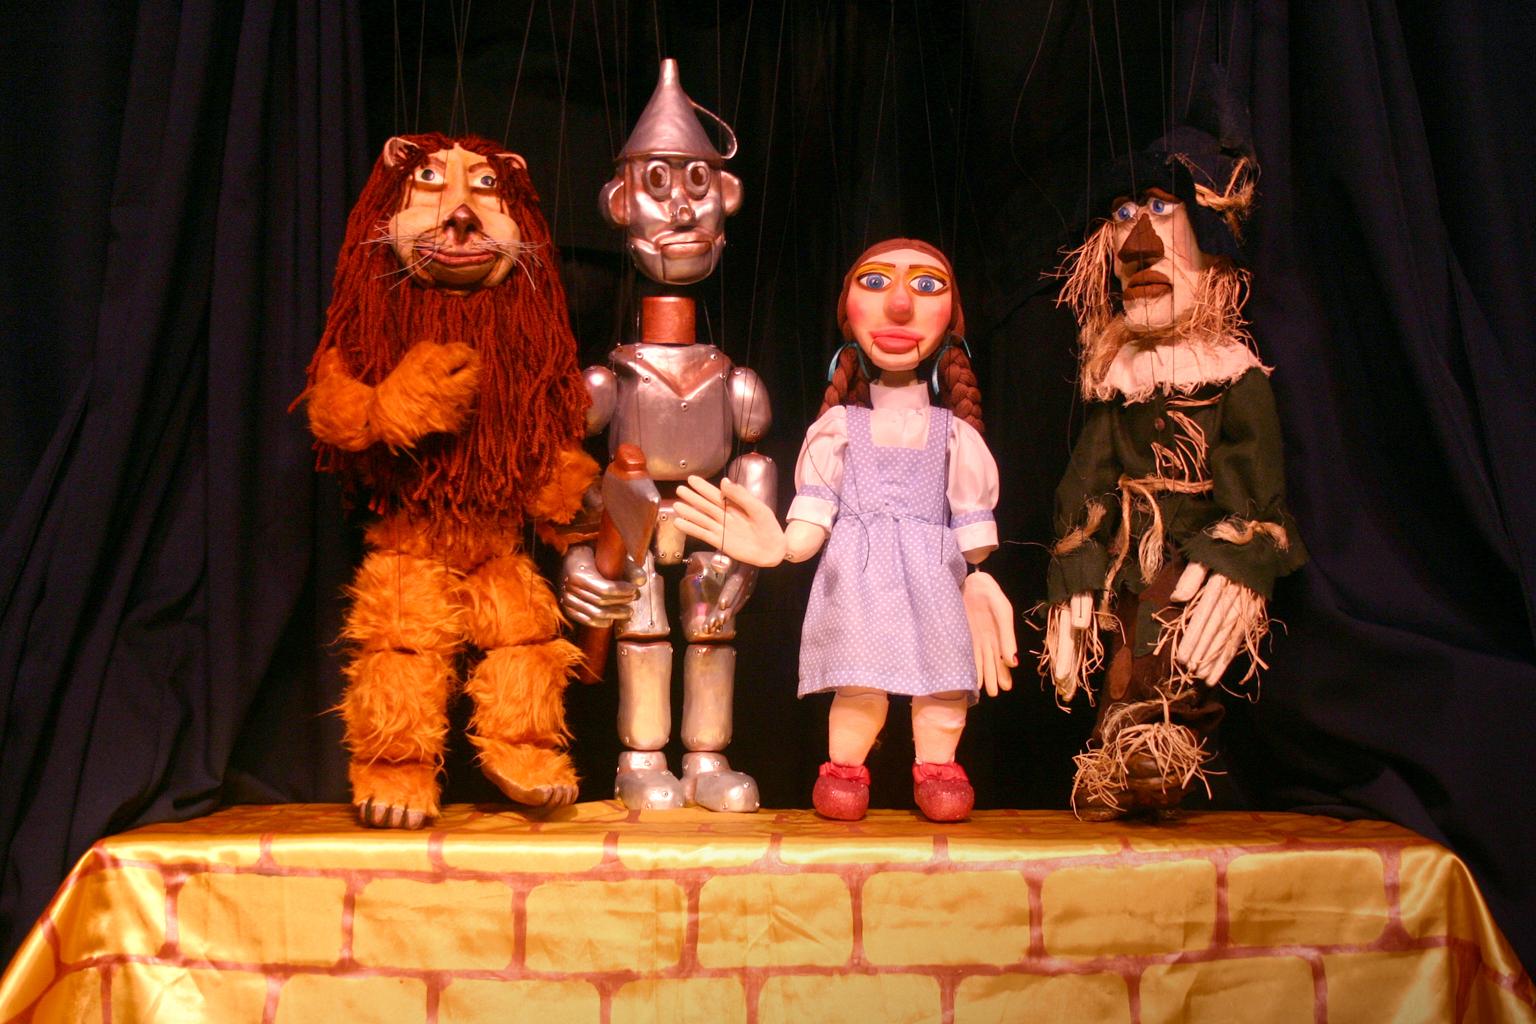 De 11 a 23 07 acontece no audit rio antonio carlos kraide port o cultural a mostra de teatro de bonecos f rias no port o a mostra organizada pela